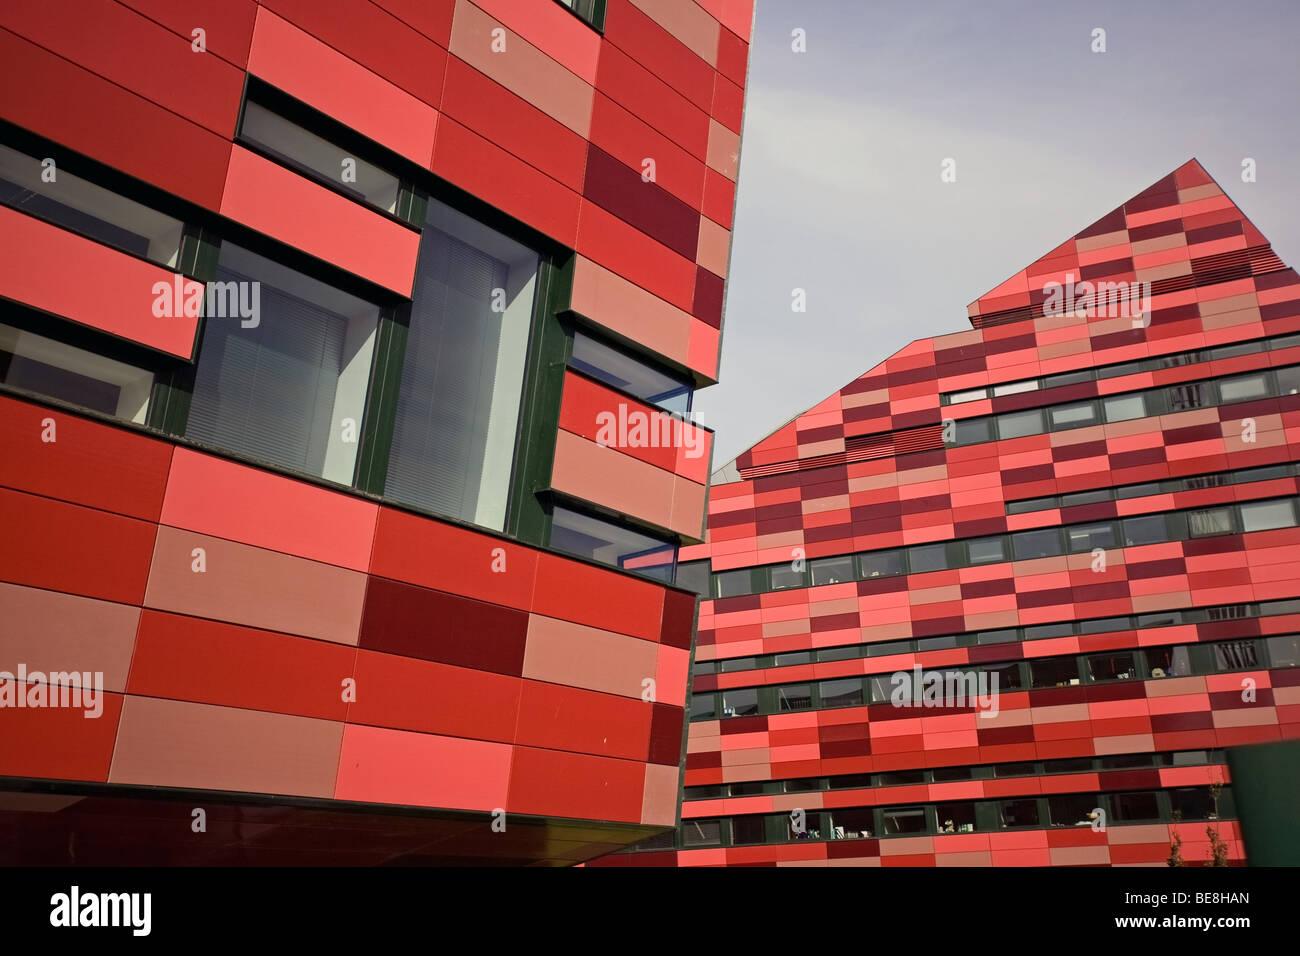 University of Nottingham, Jubilee Campus, England ,United Kingdom - Stock Image